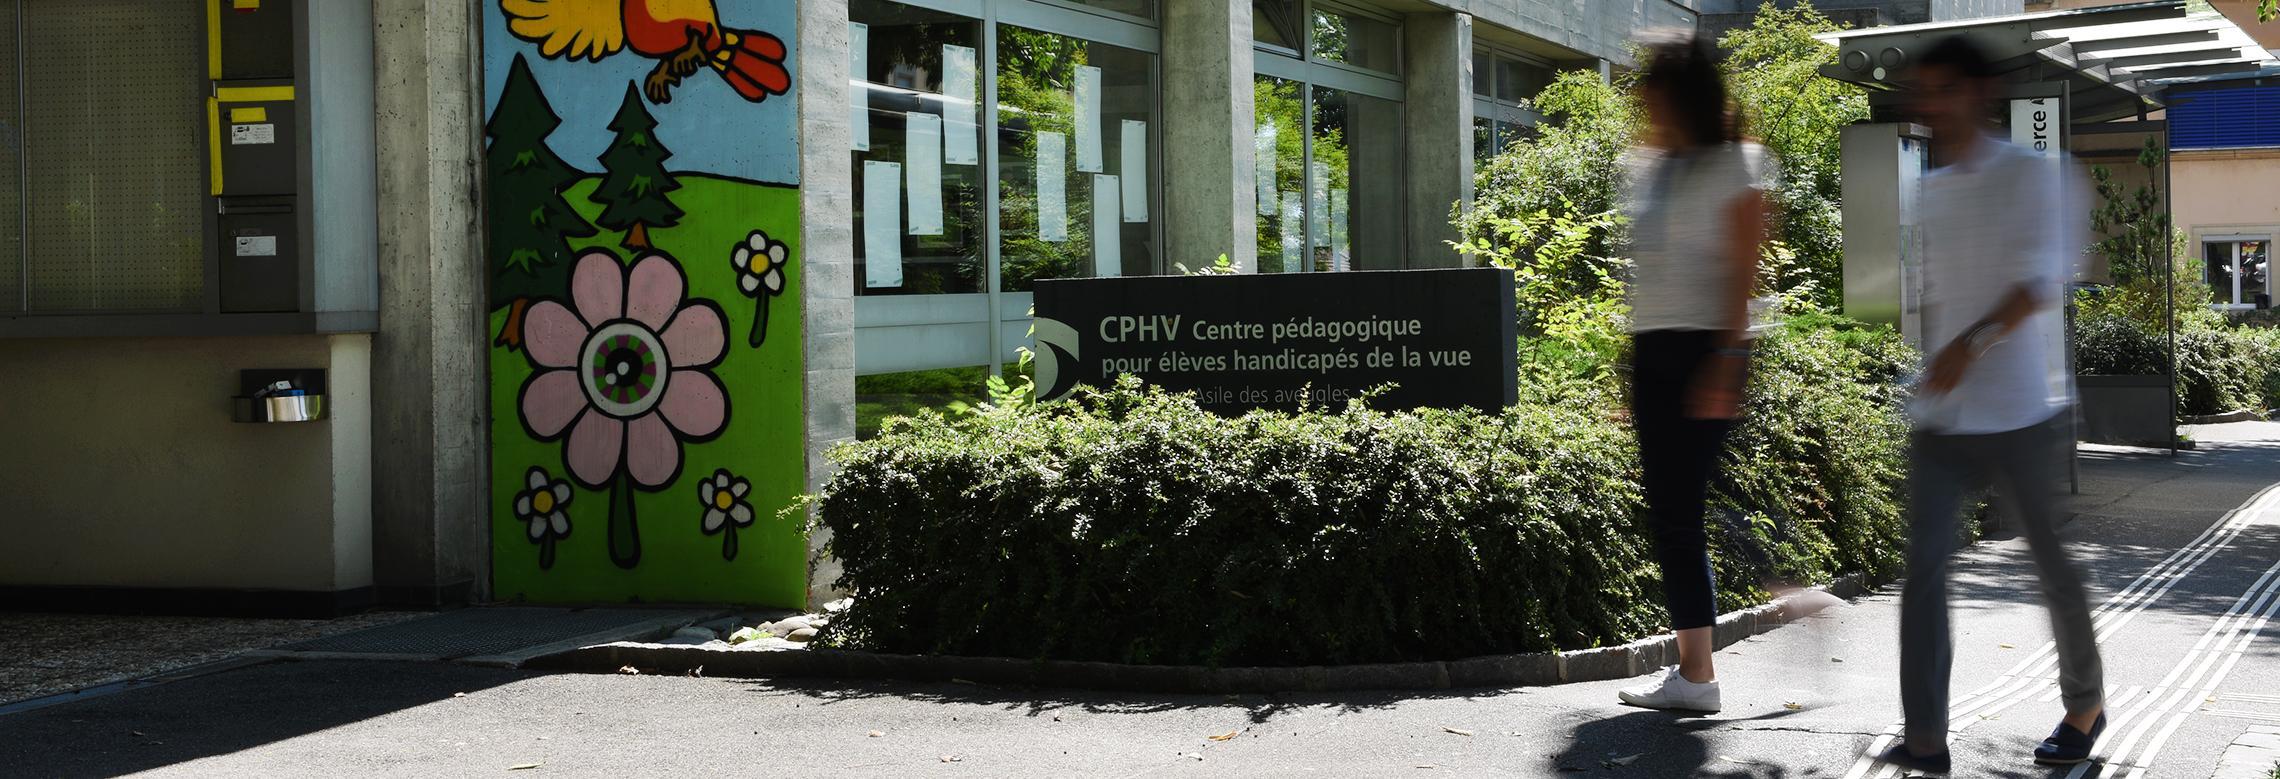 L'entrée du Centre pédagogique pour élèves handicapés de la vue